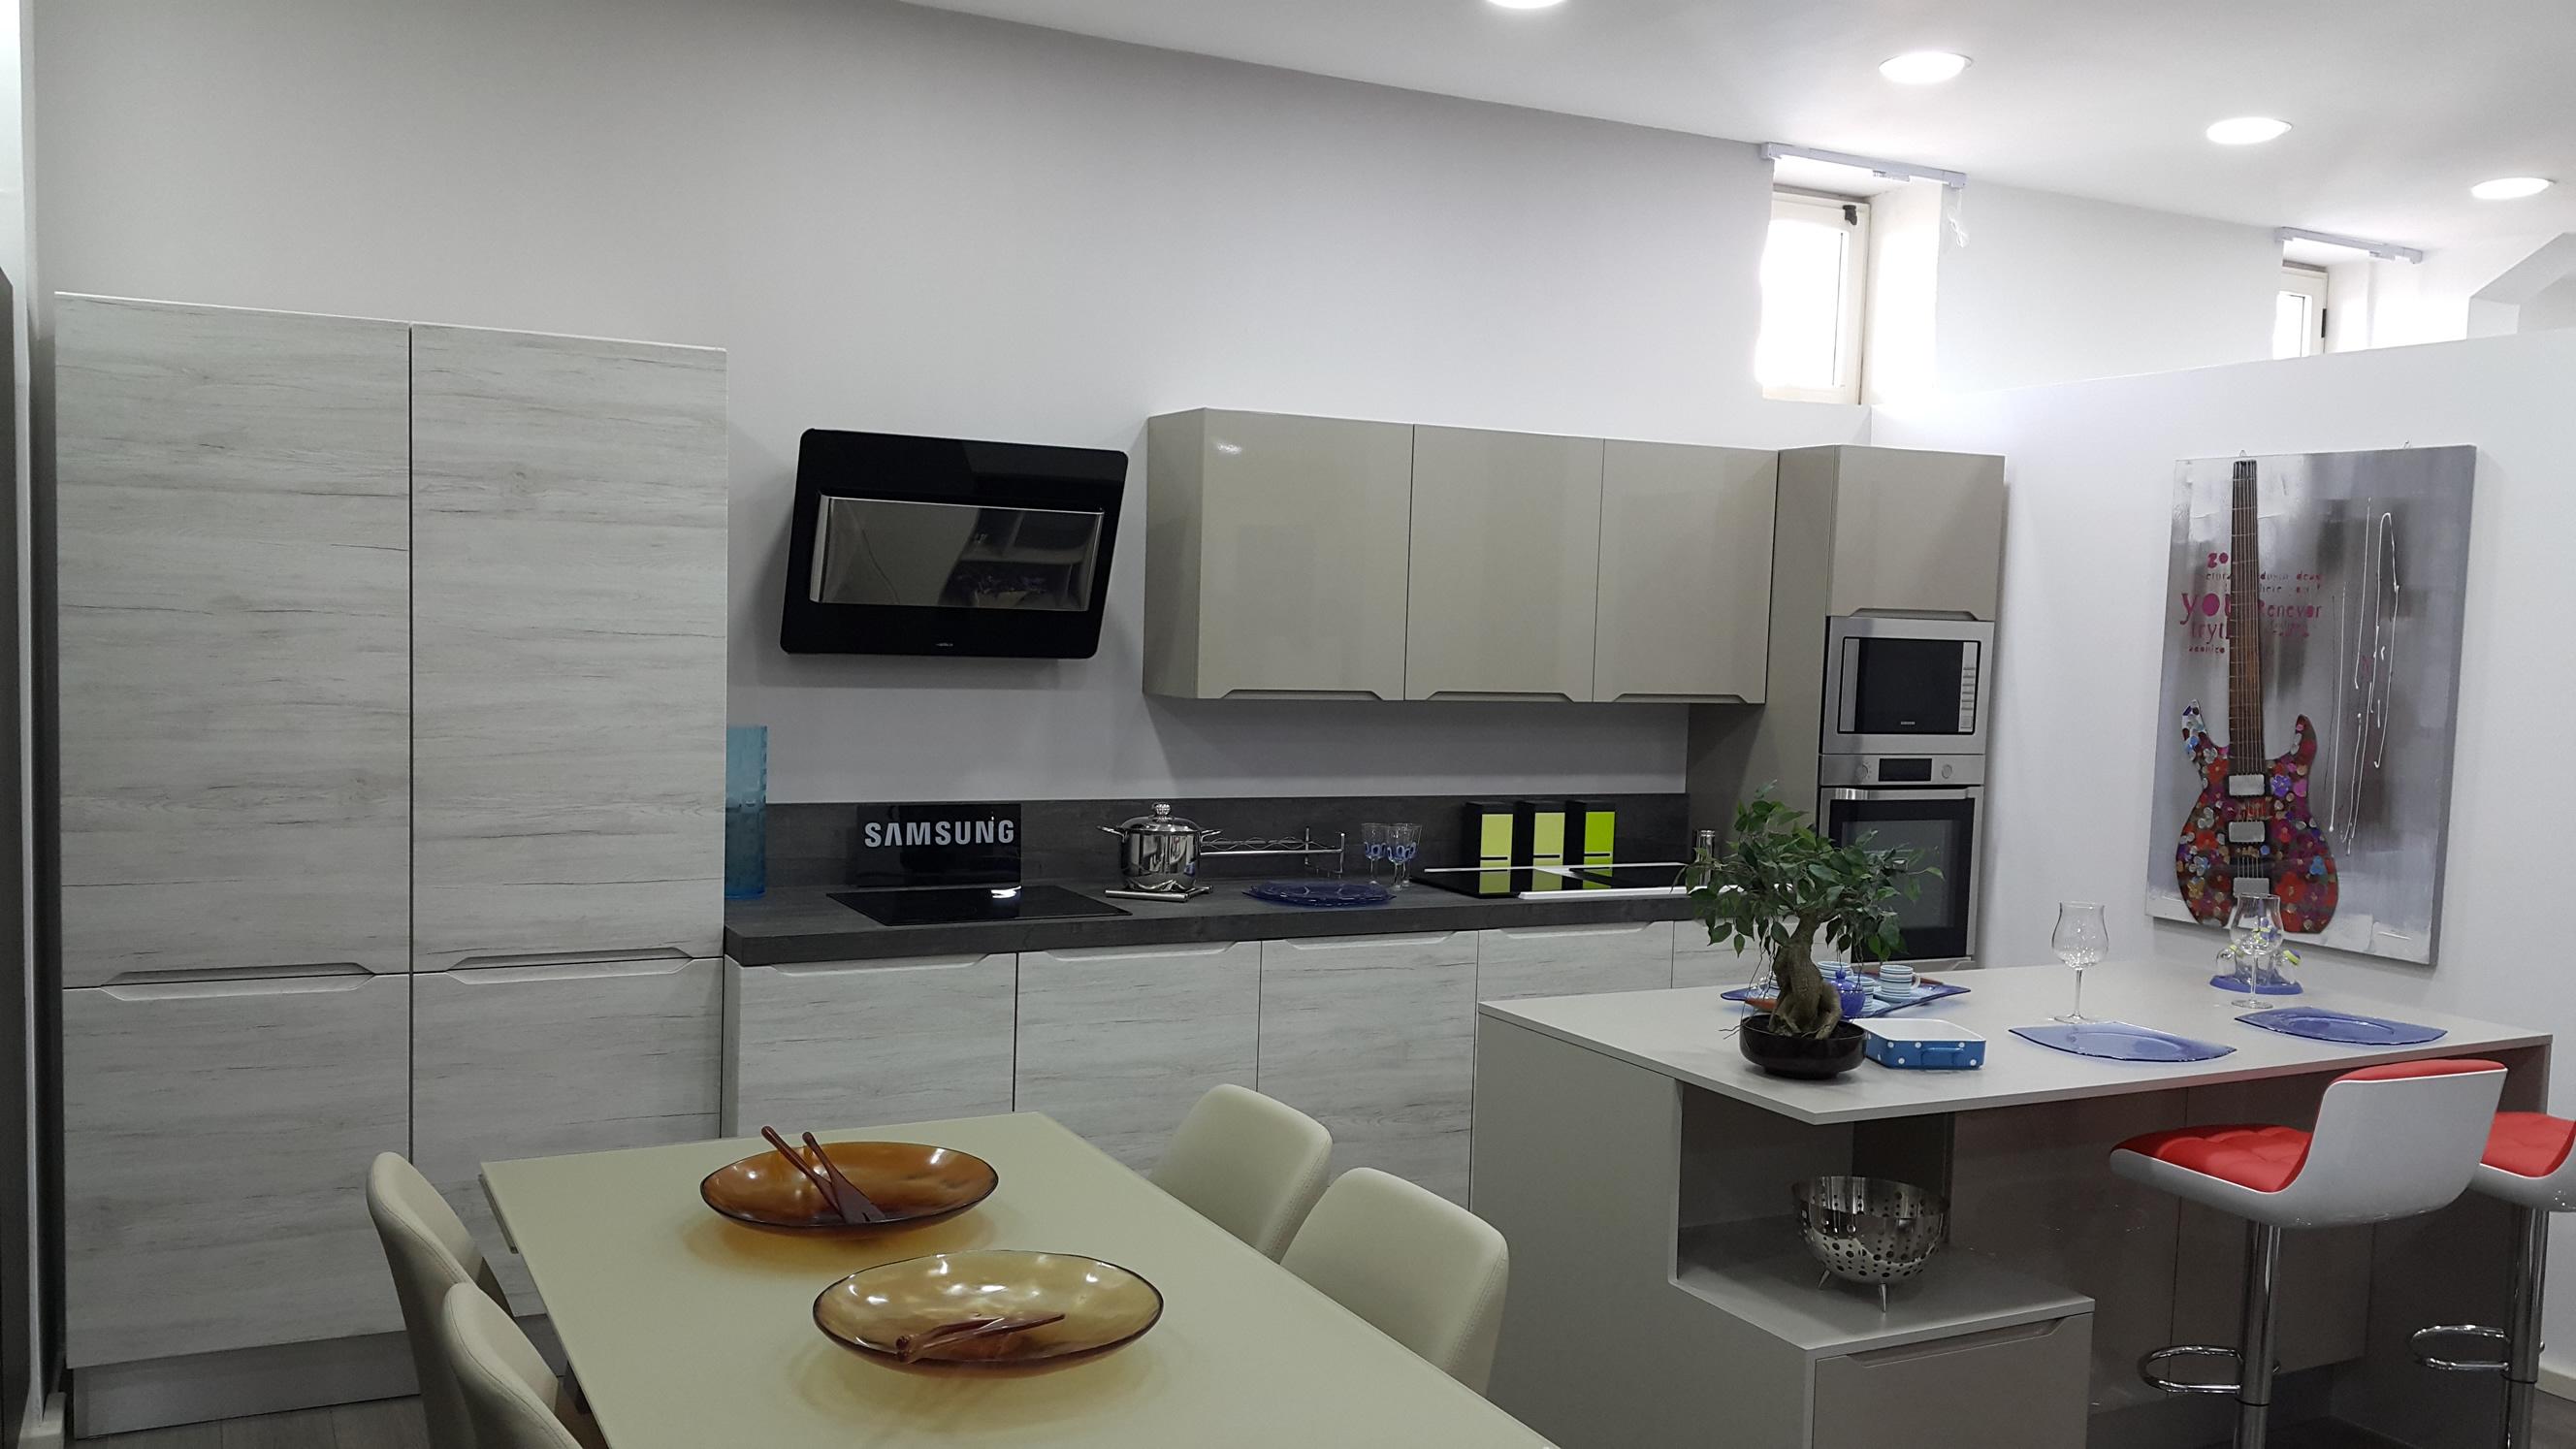 Bianco E Orzo Lucido La Cucina è Composta Da Un Blocco Cottura E #913B3A 2656 1494 Veneta Cucine E Forma 2000